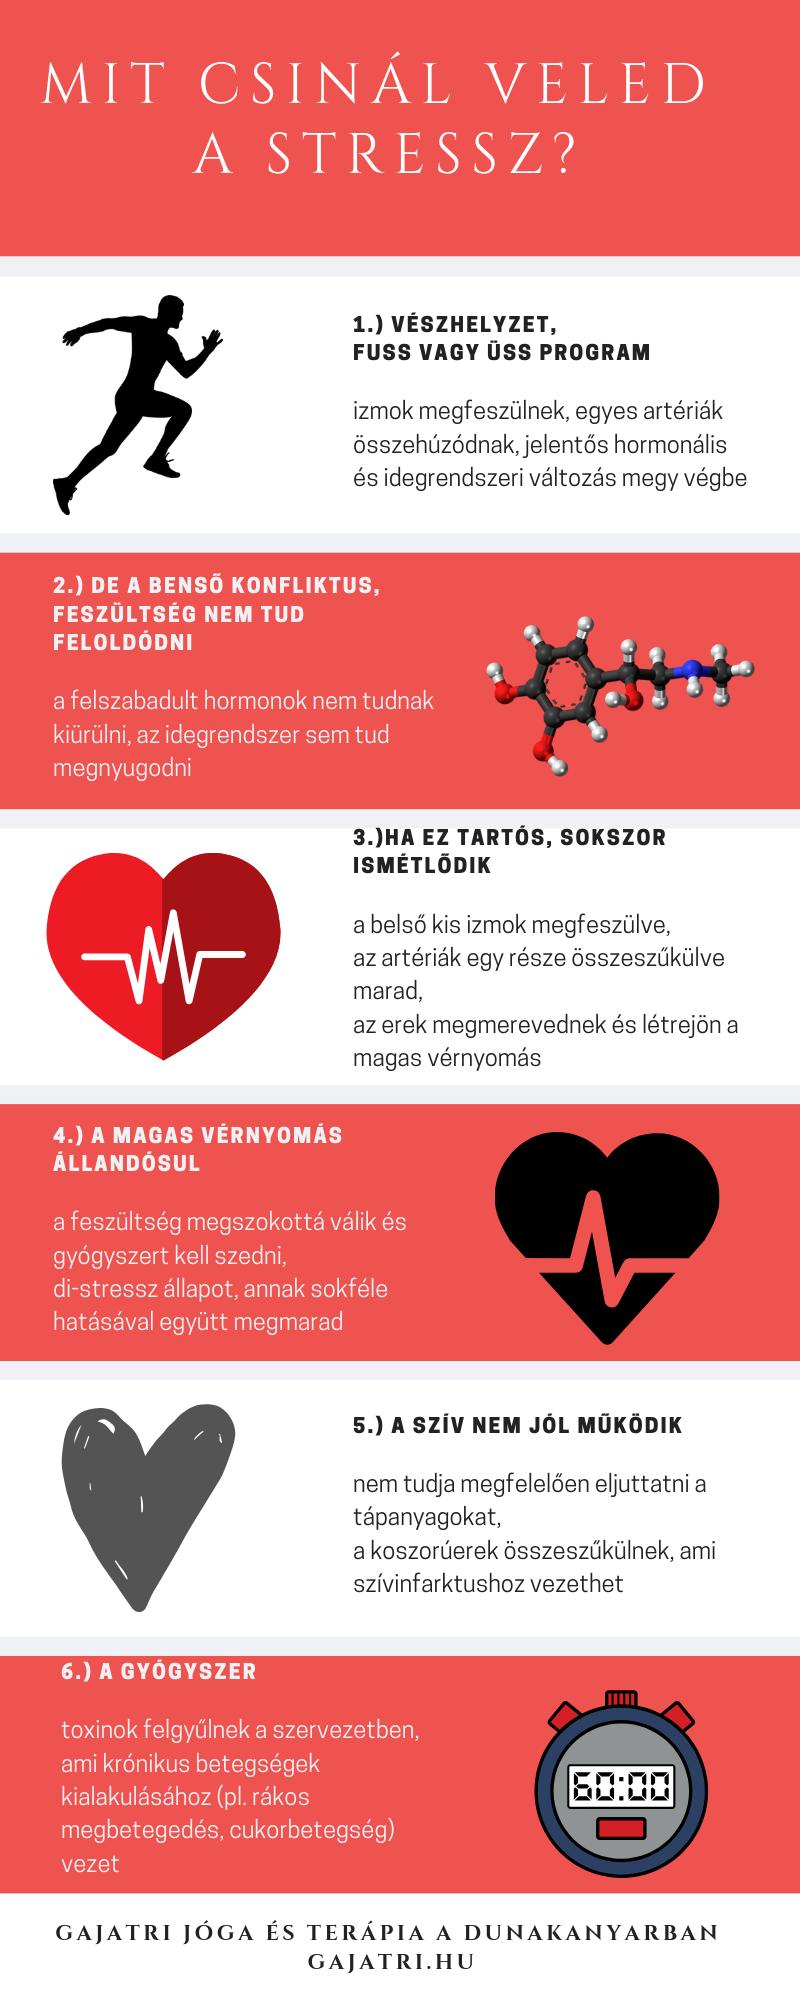 hogyan lehet megszüntetni a fájdalmat a magas vérnyomásban leo bokeria a magas vérnyomásról